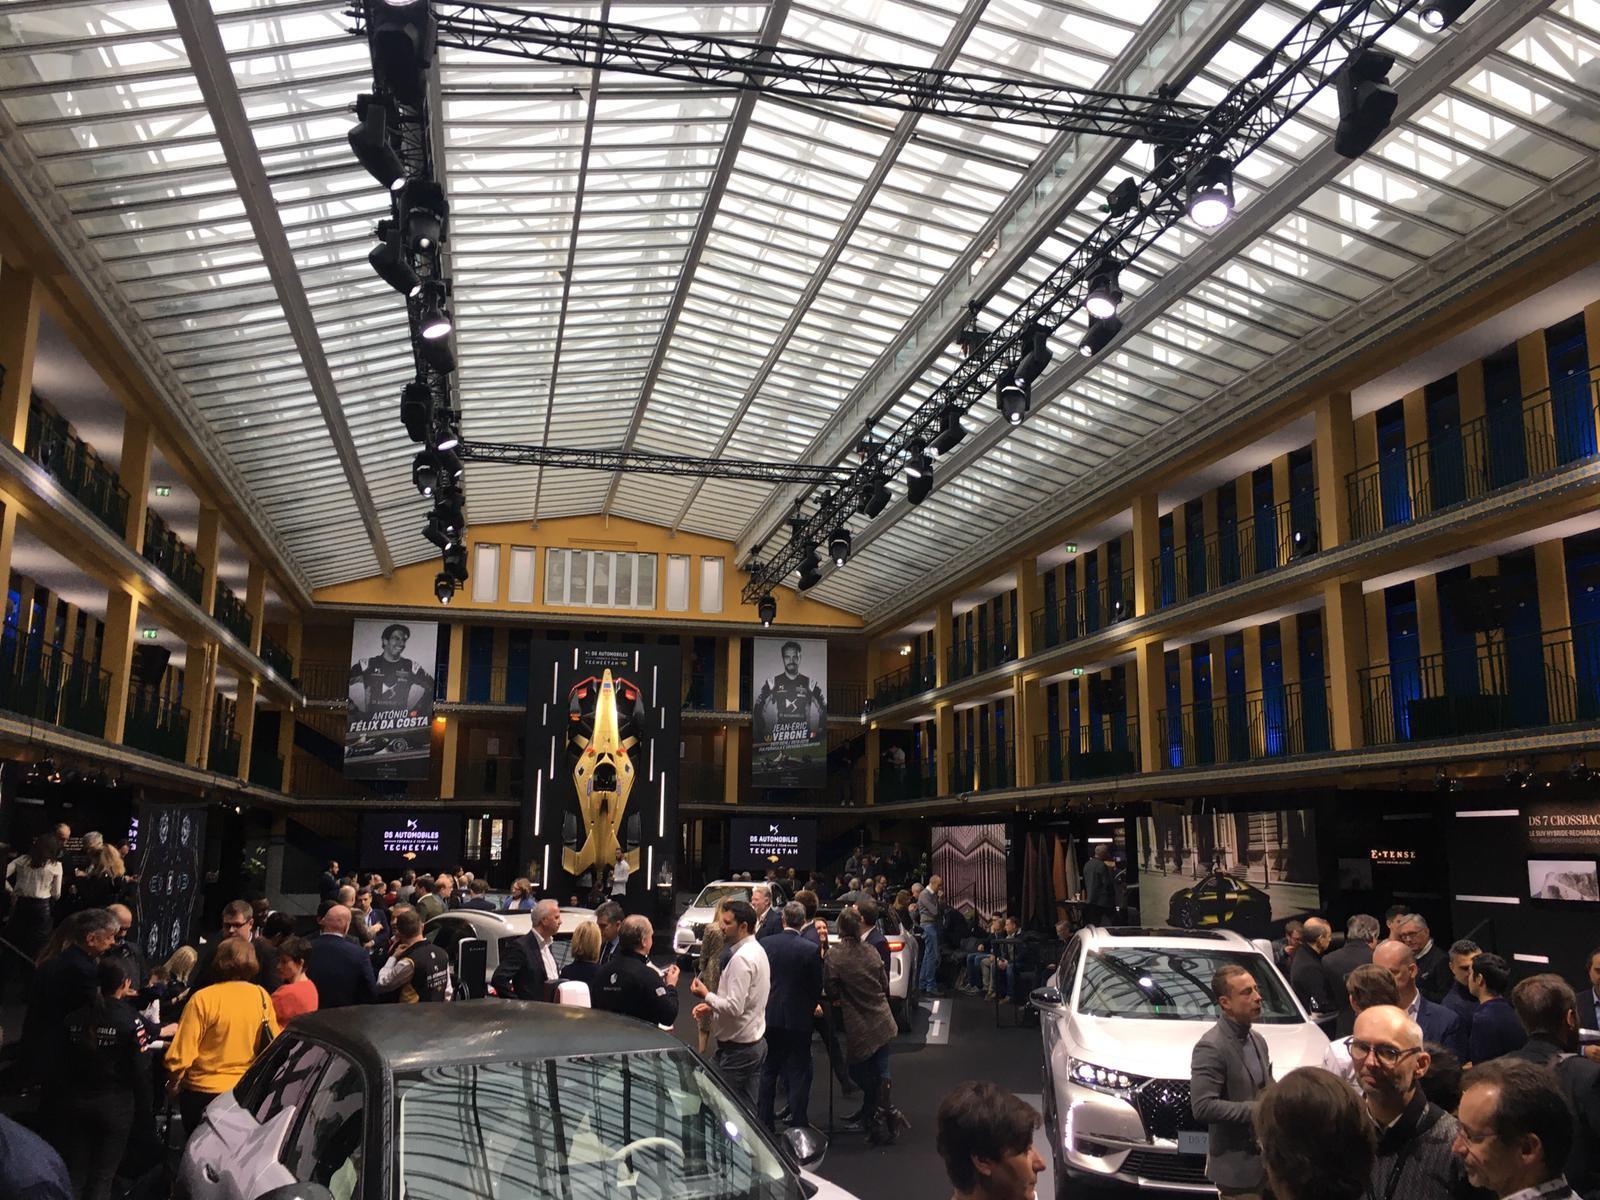 Evento show a Parigi con i piloti Vergne e Da Costa decisi a riconquistare il titolo elettrico<br /><br />